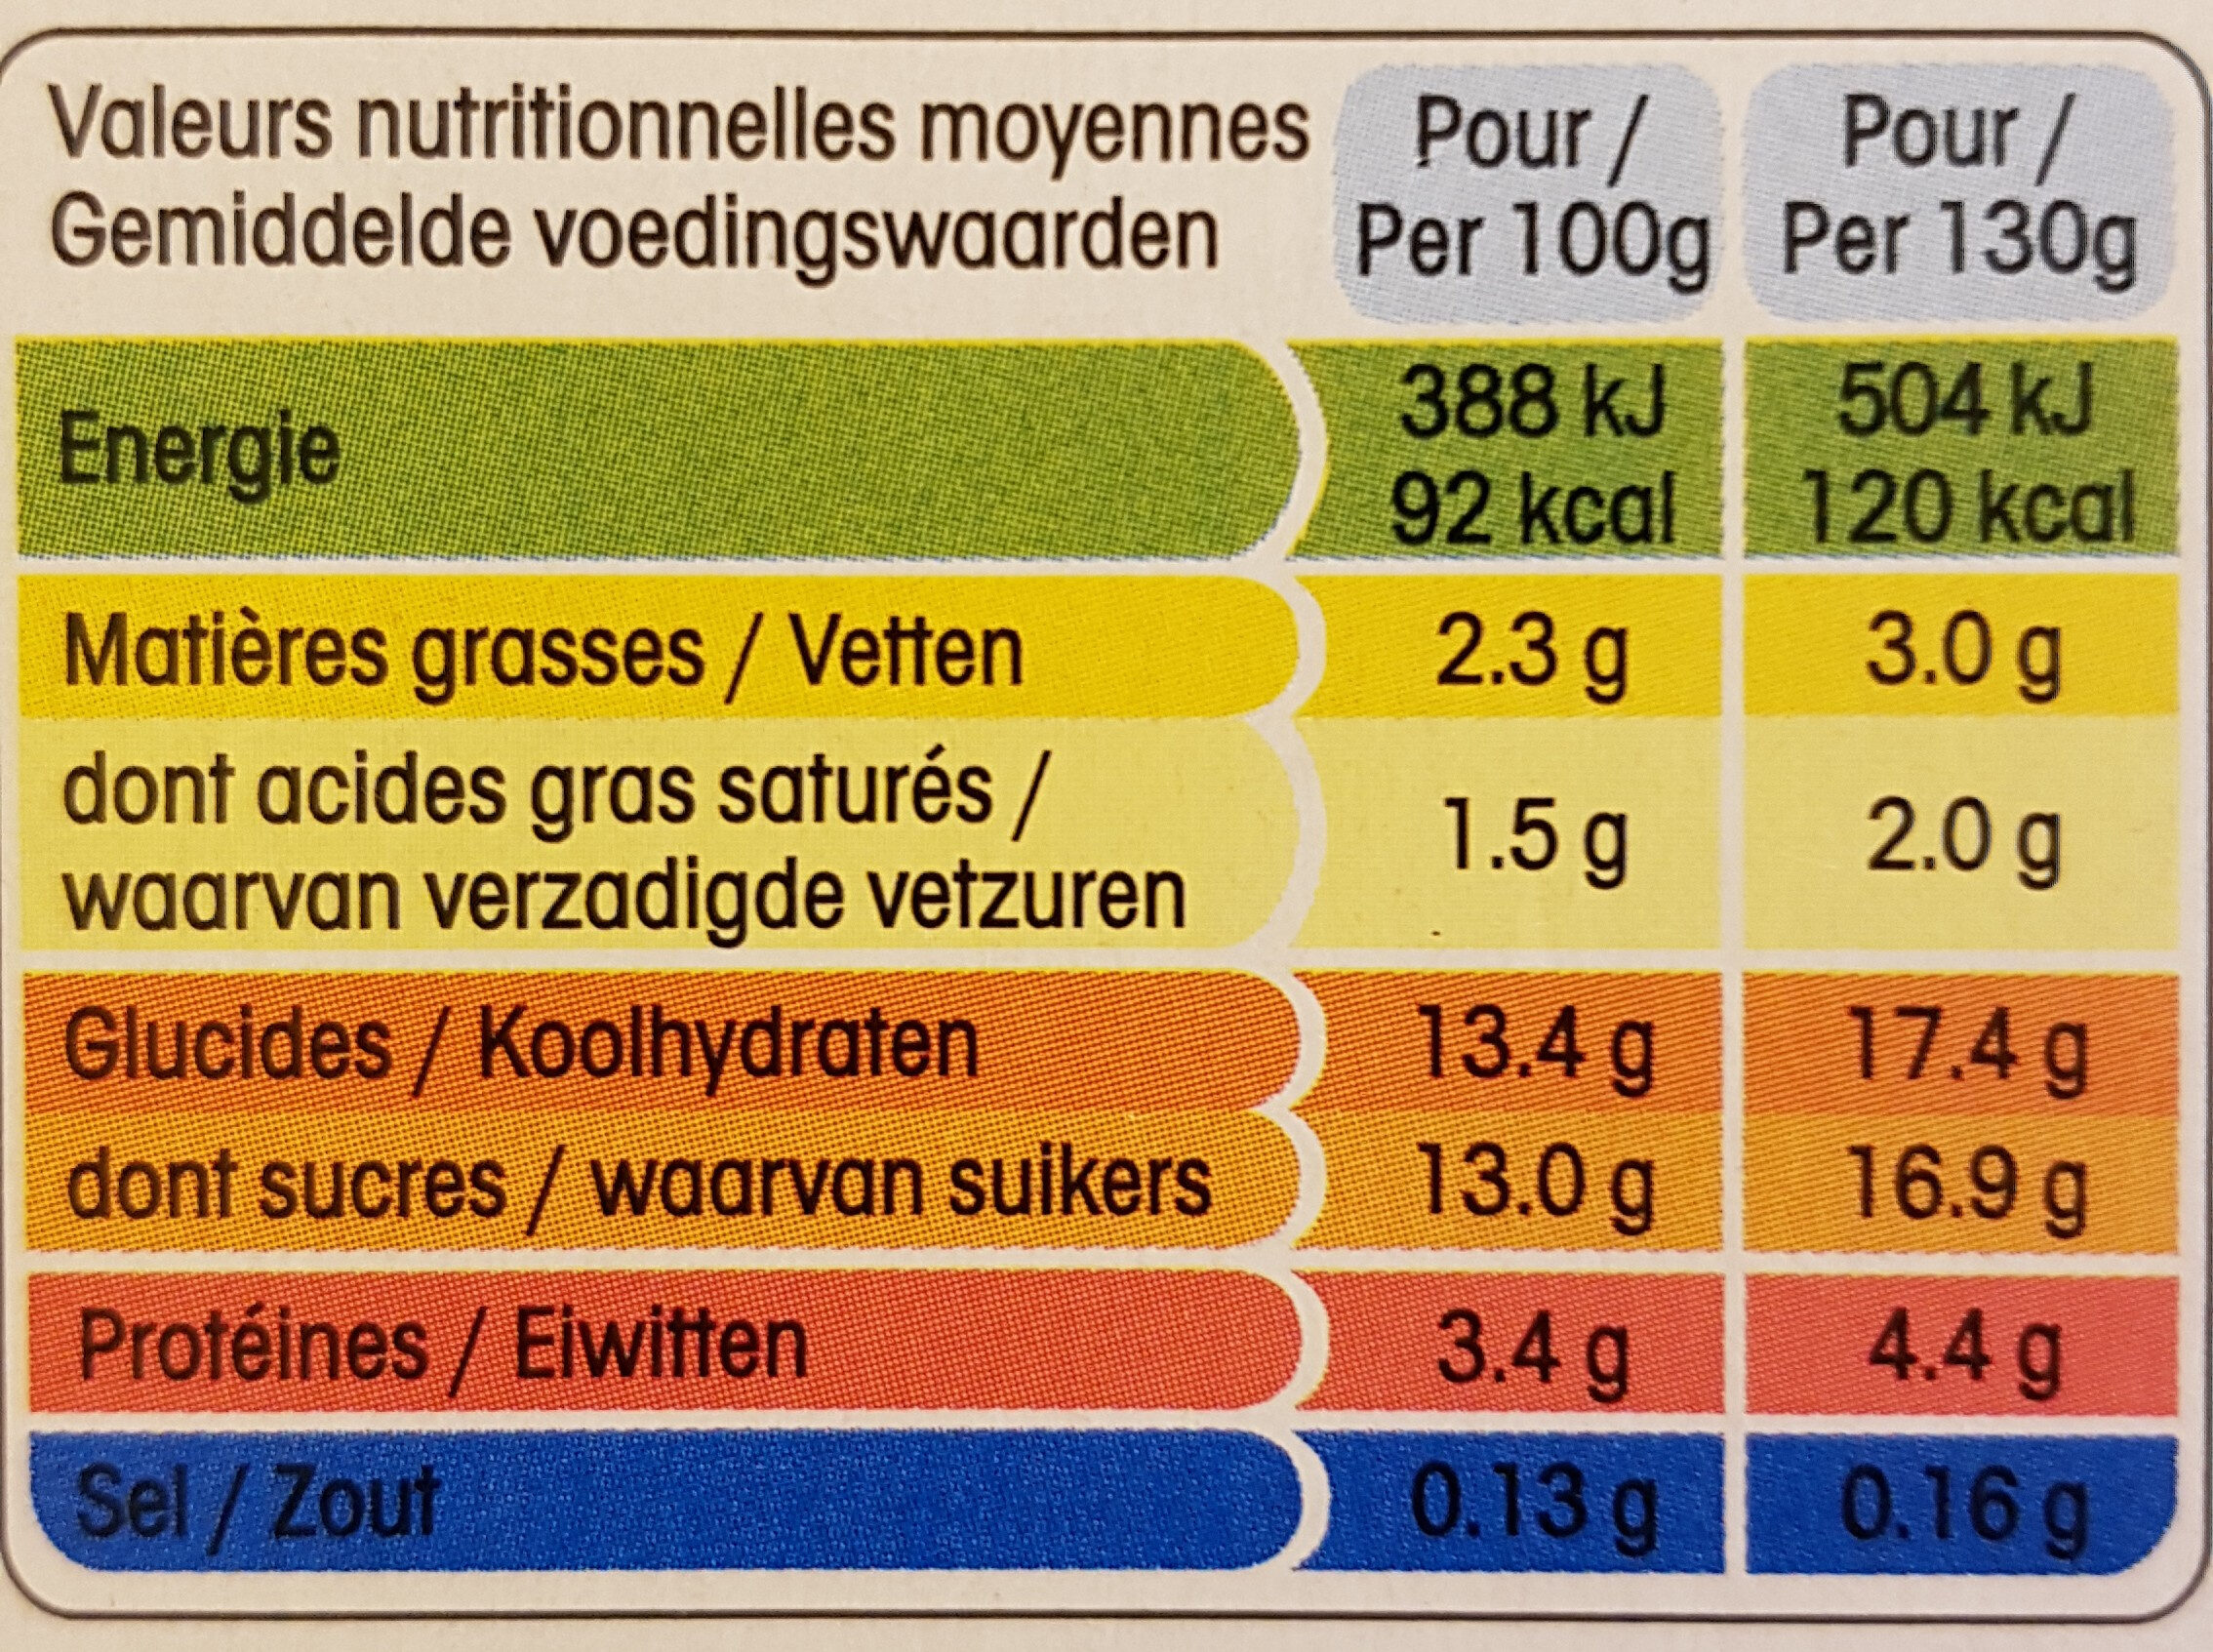 Panier de Yoplait Fraise et Framboise - Nutrition facts